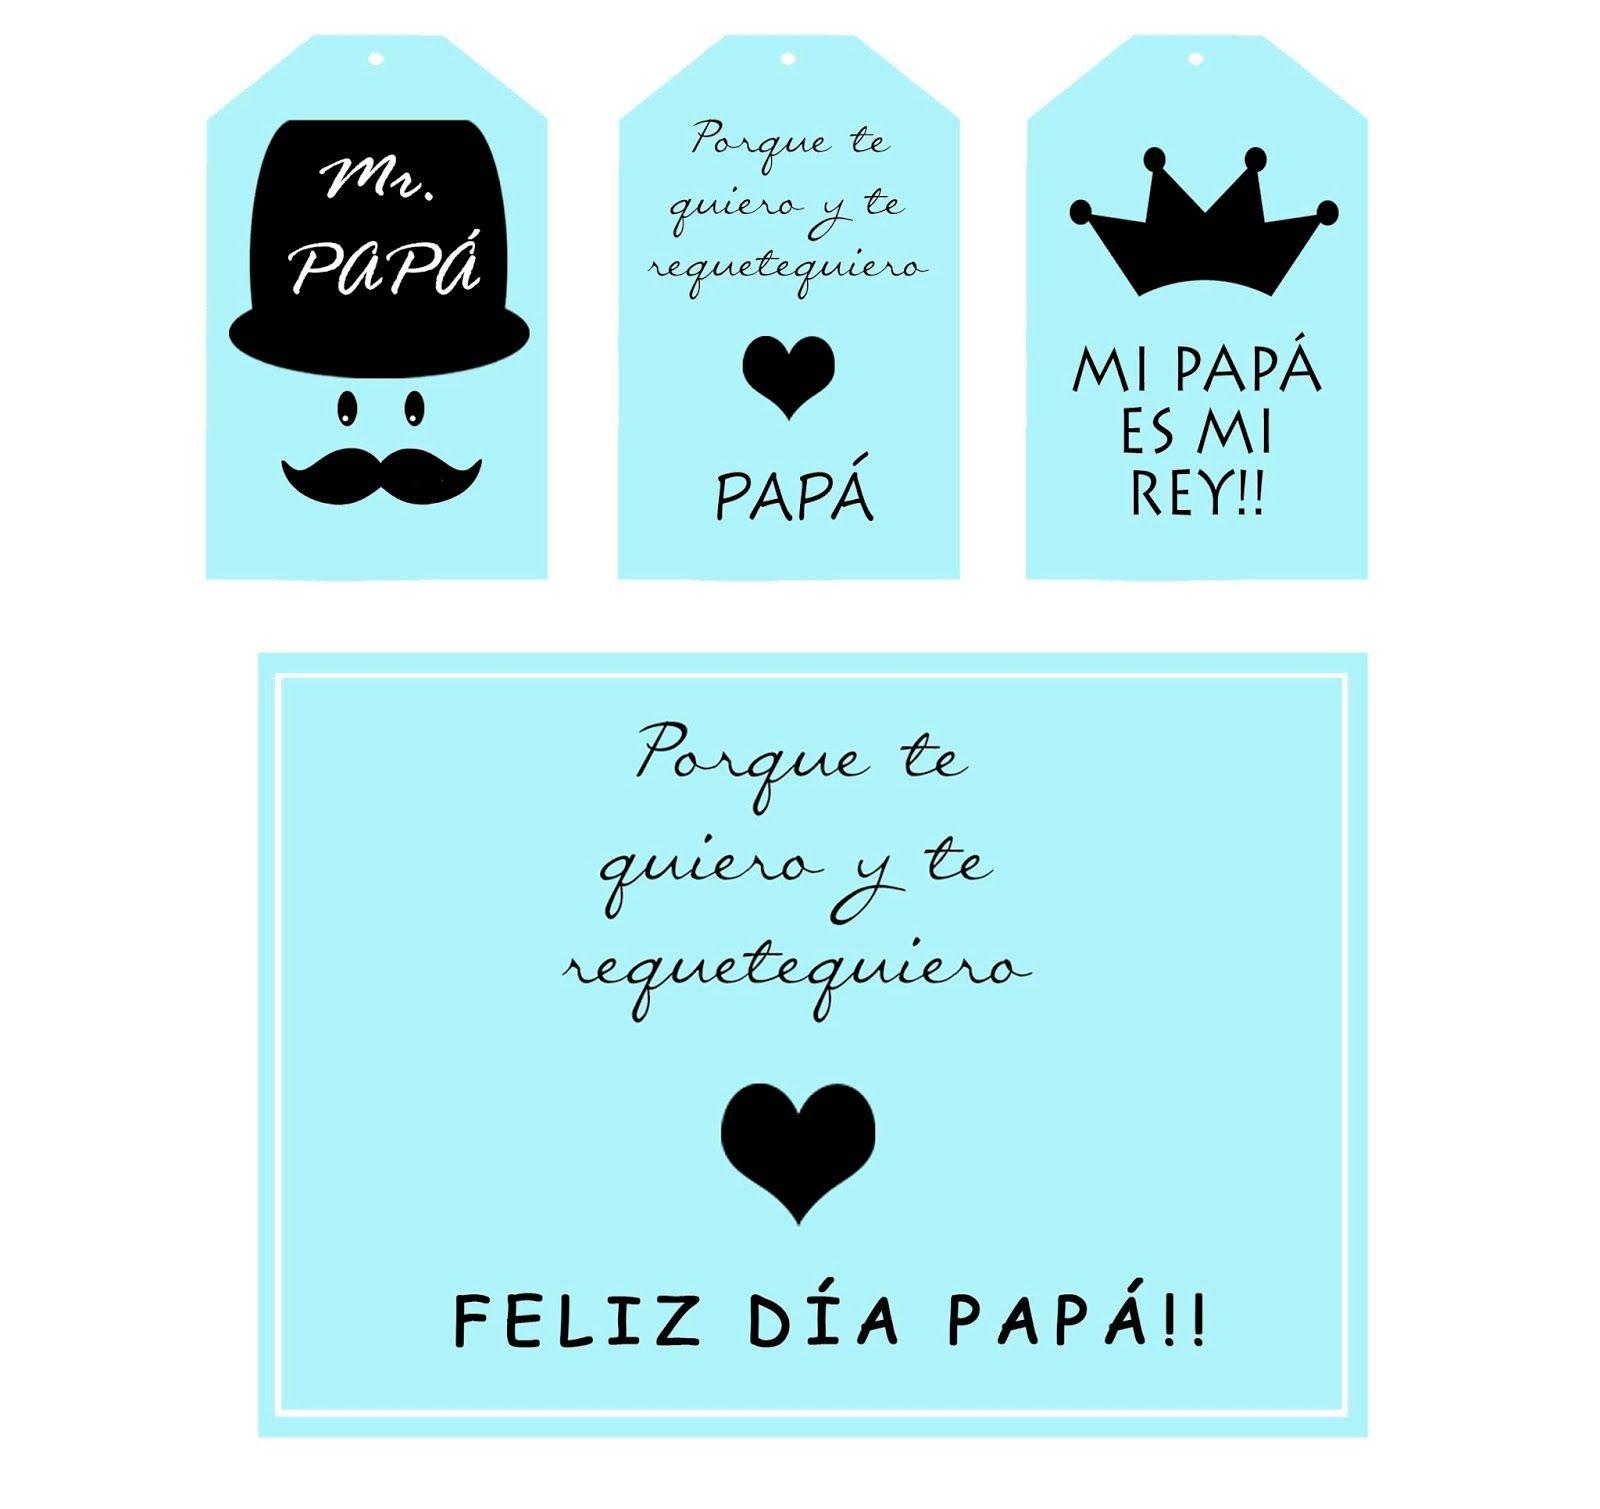 Kit Imprimible Dia Del Padre Feliz Dia Del Padre Dia Del Padre